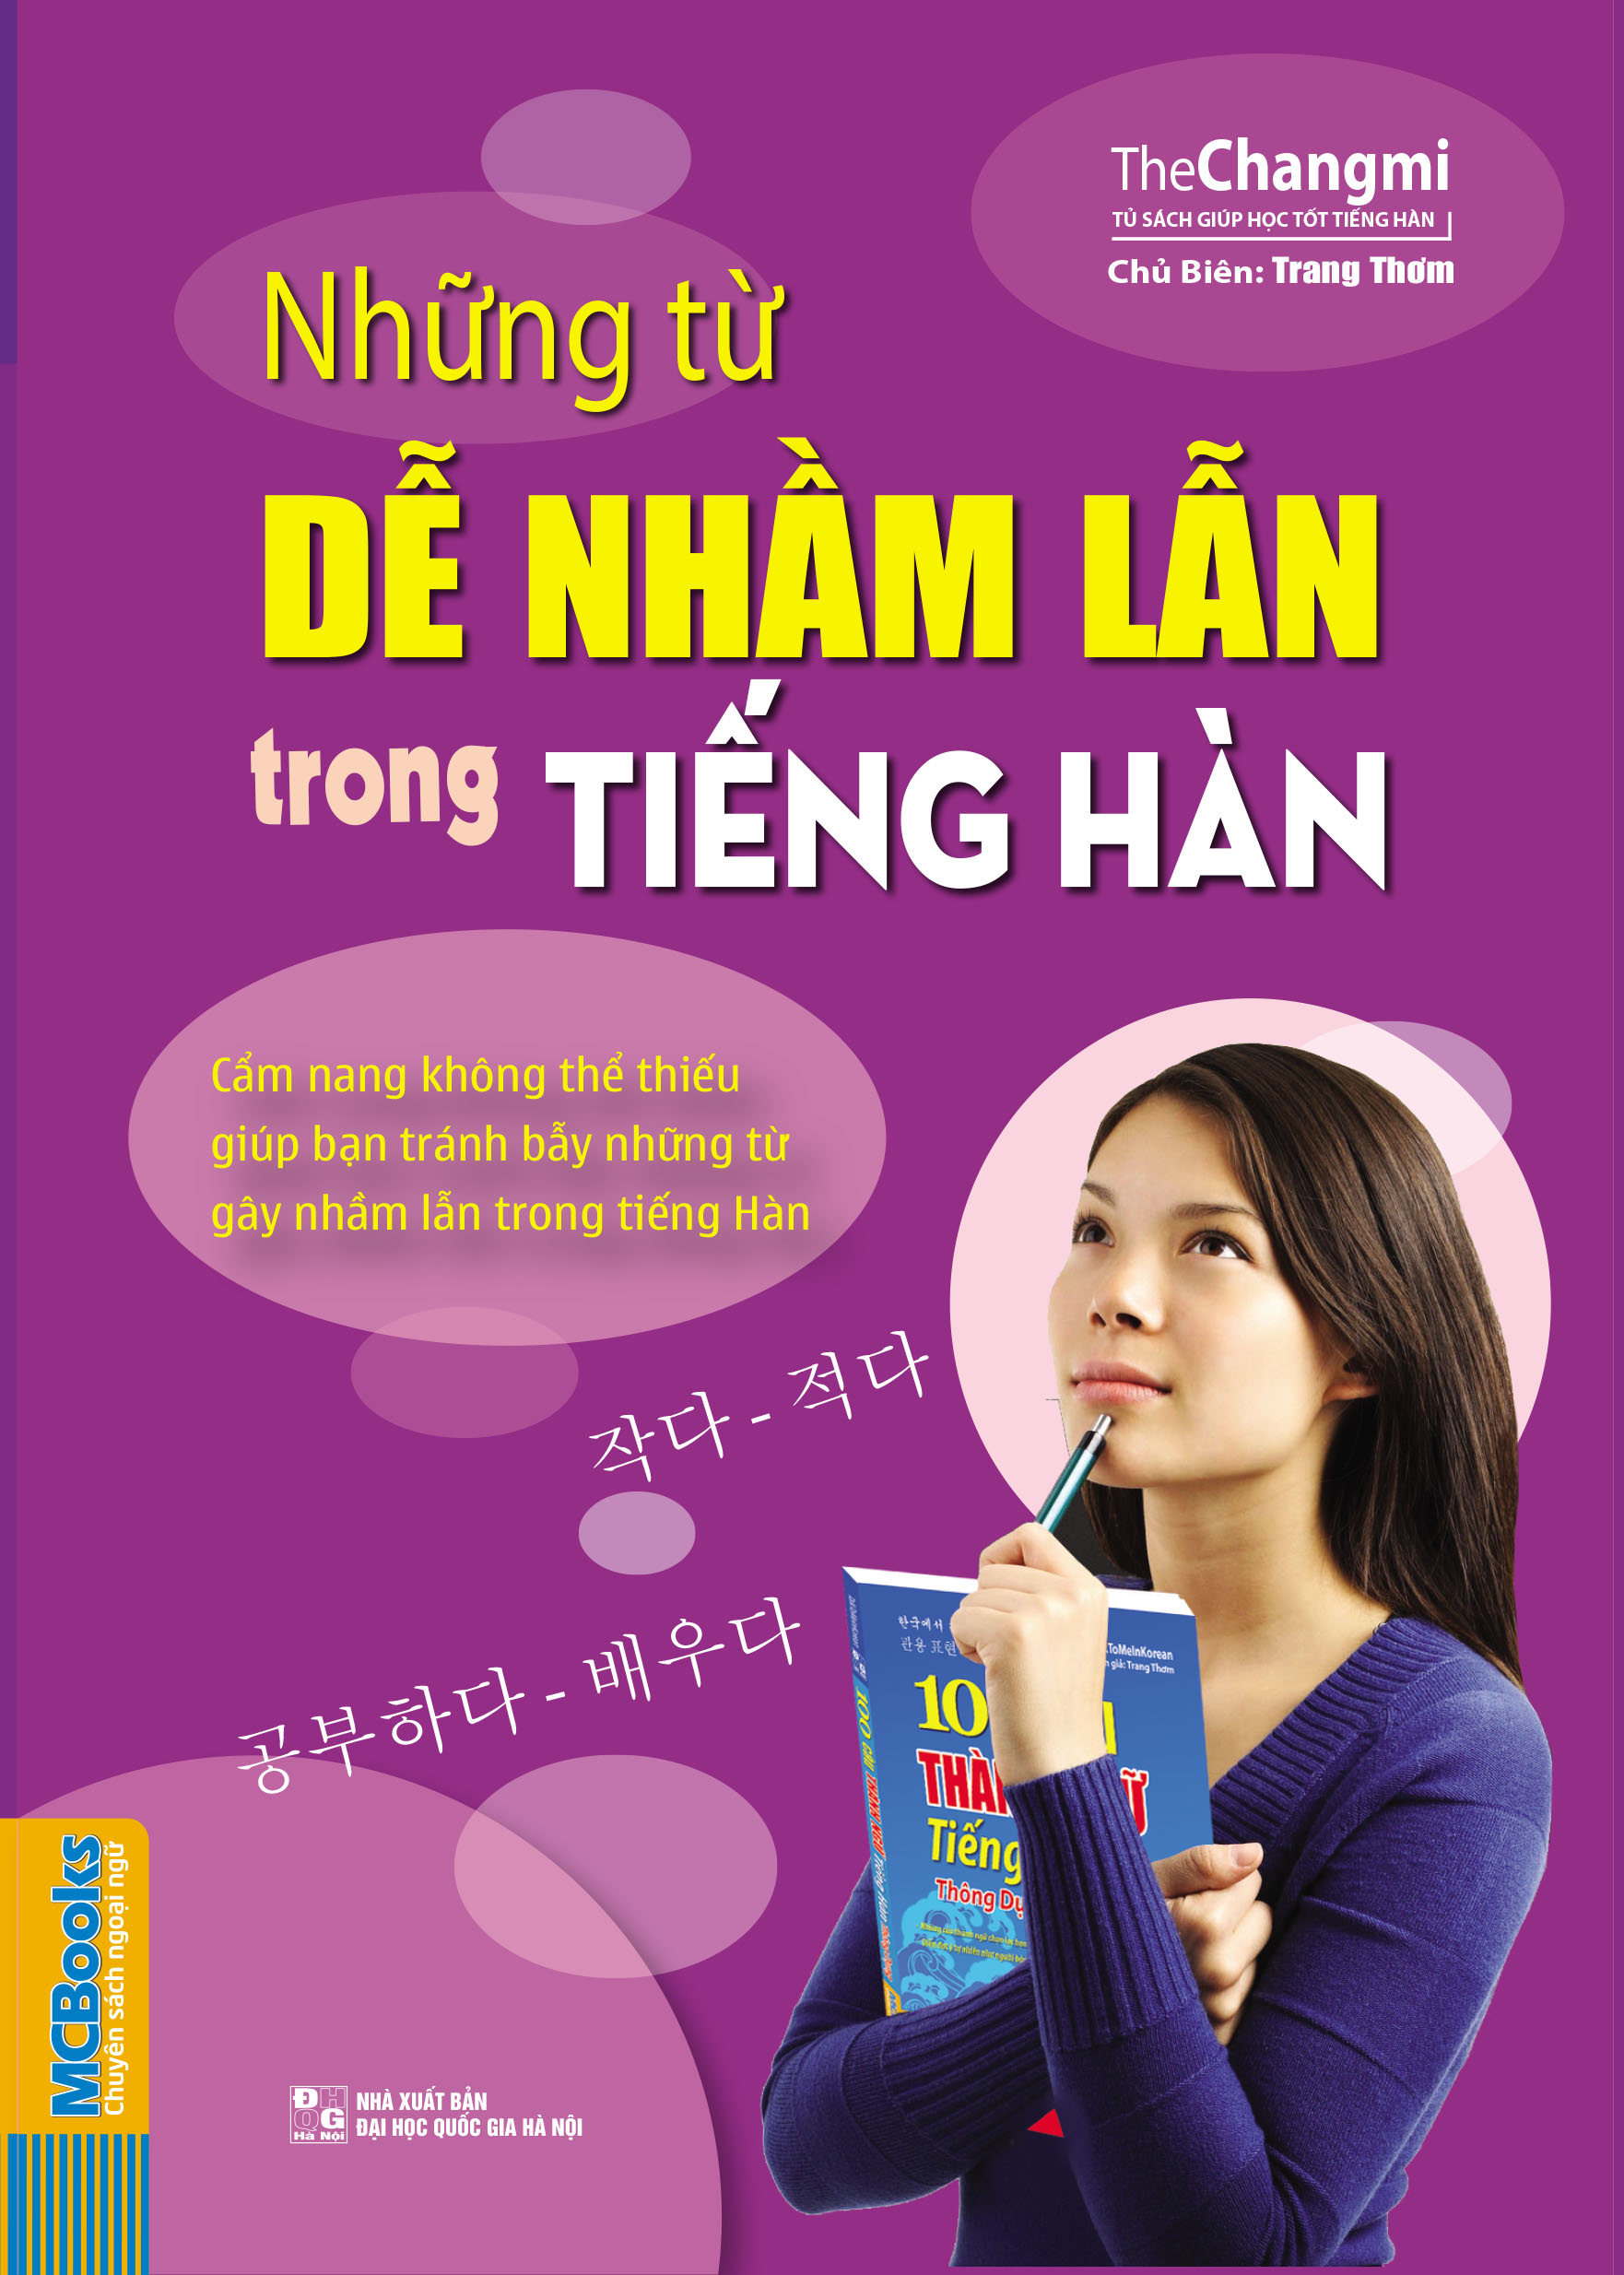 những từ dễ nhầm lẫn trong tiếng Hàn